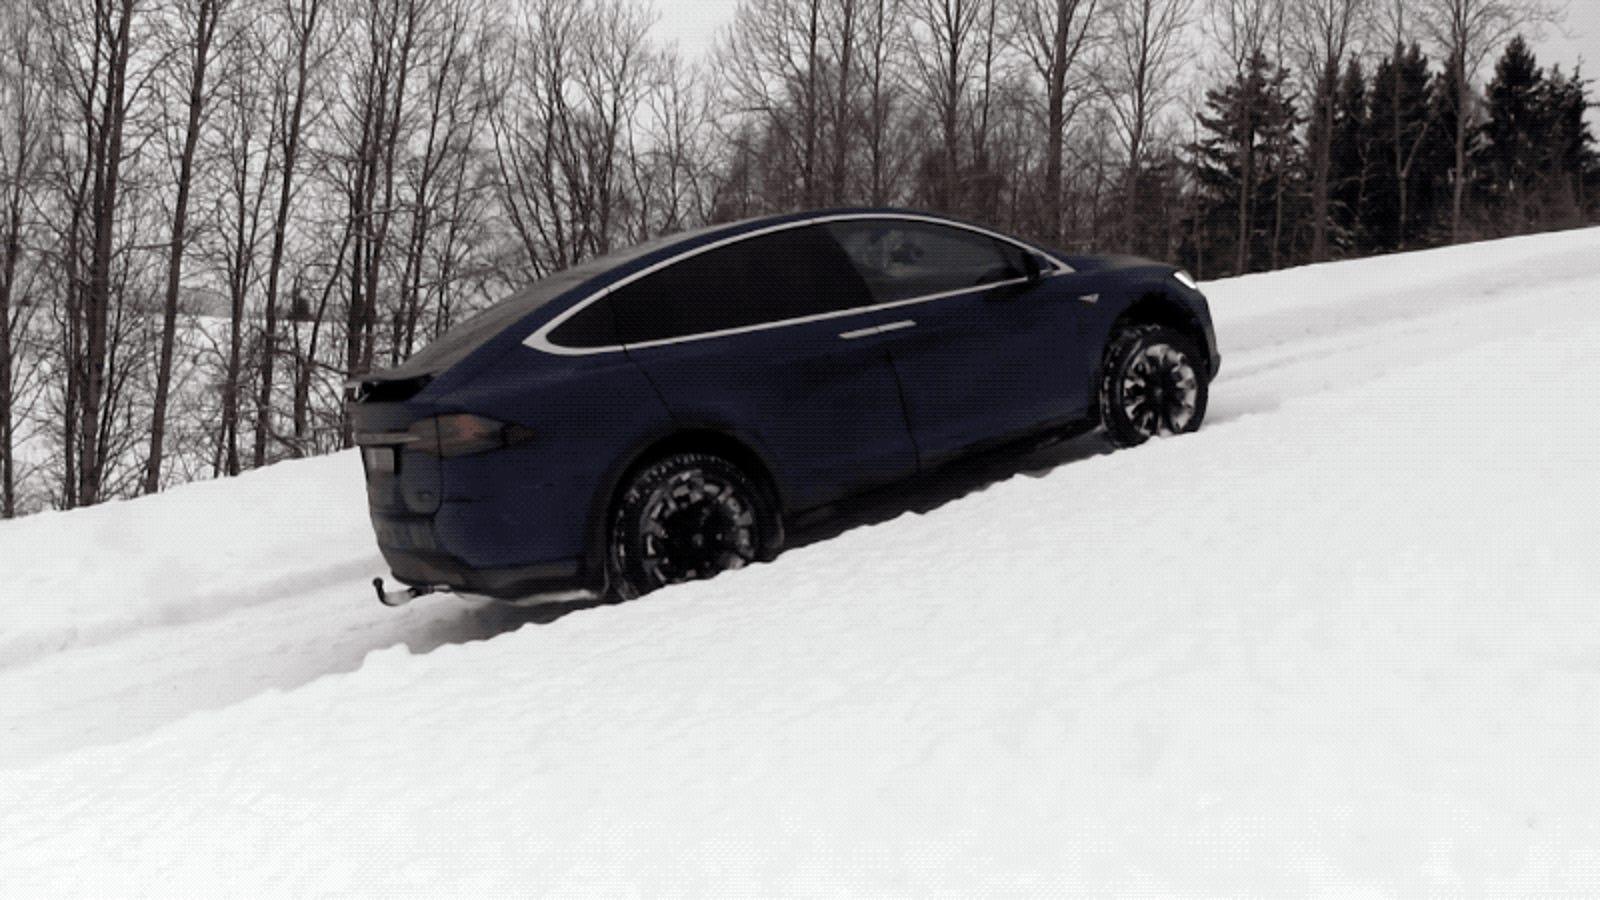 Un Tesla Model X supera a un Hummer H2 escalando una pendiente completamente nevada